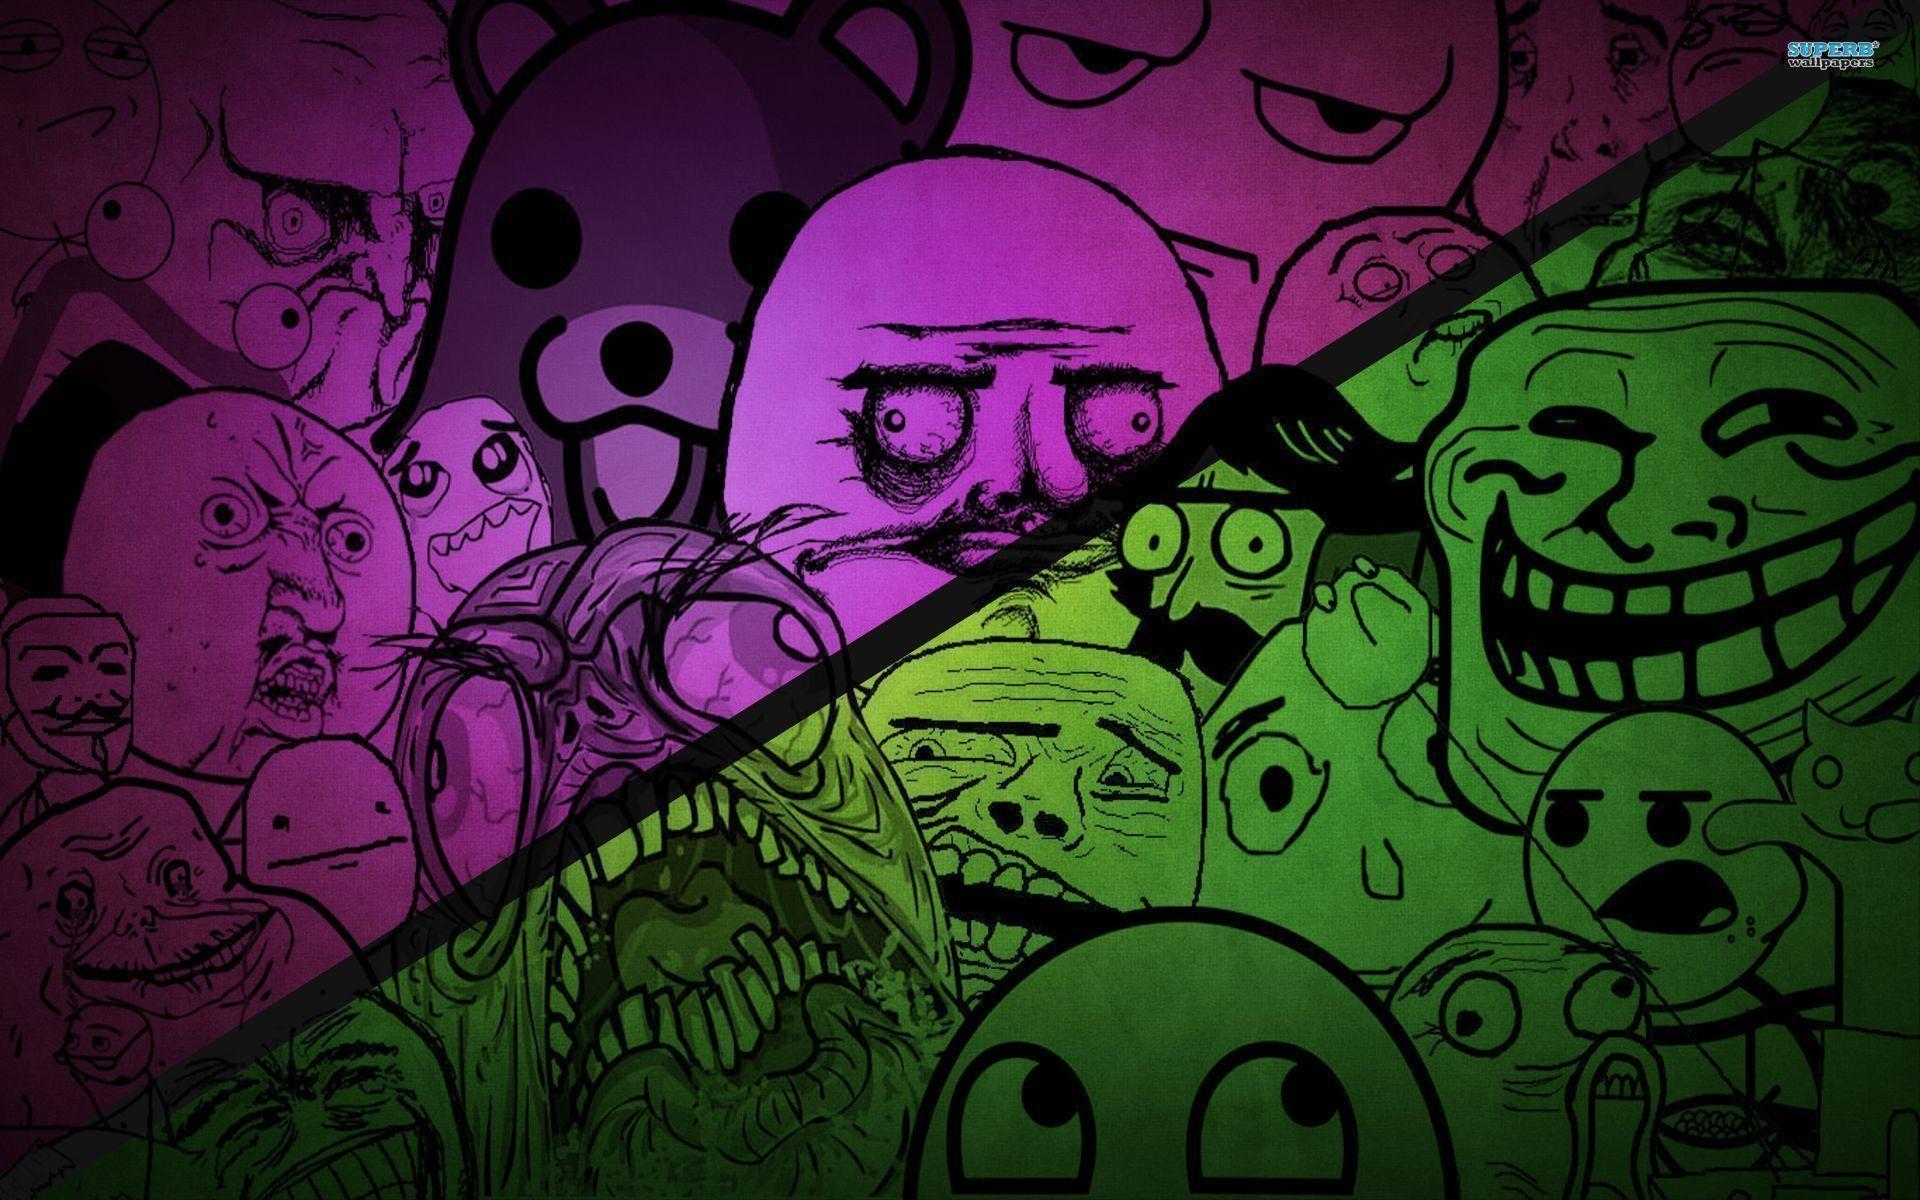 Trollface Meme wallpapers